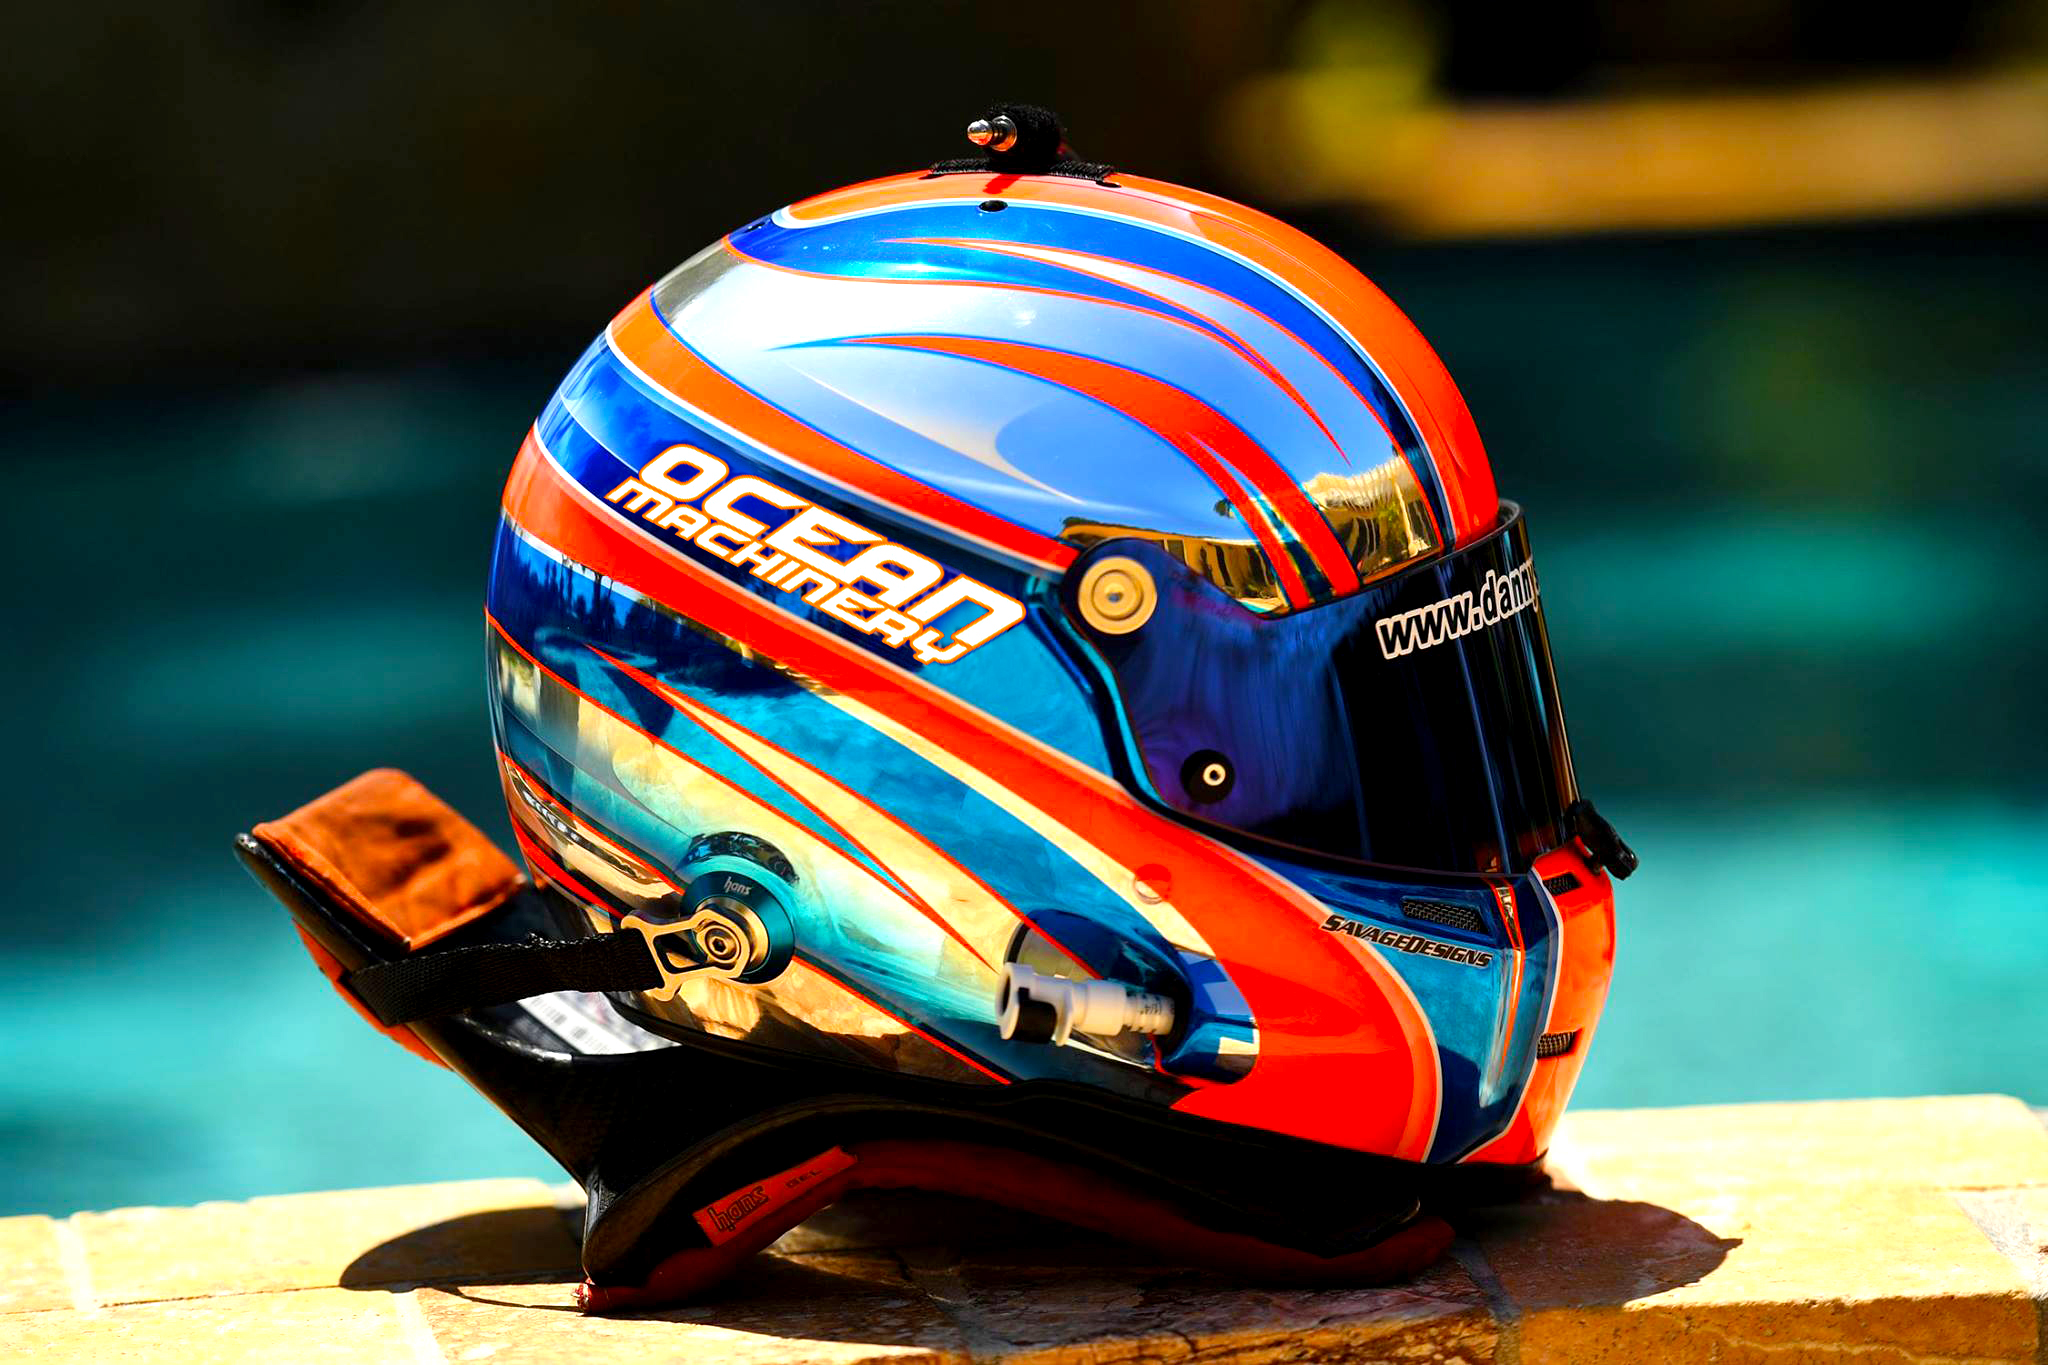 Ocean Machinery logo on helmet